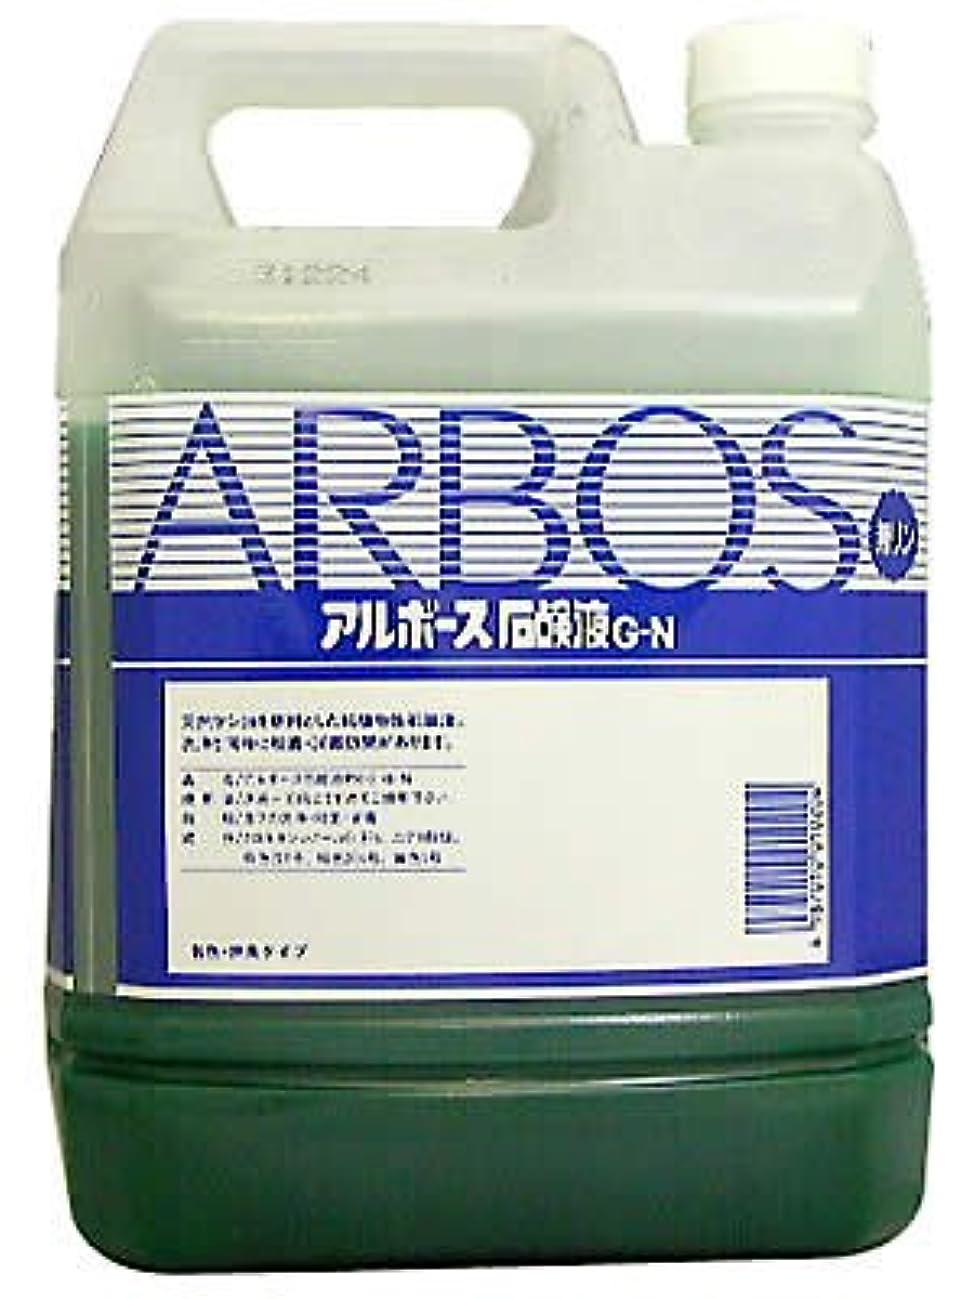 輝くマーベルアクセサリーアルボース石鹸液G-N 010204kg / 6-8601-01